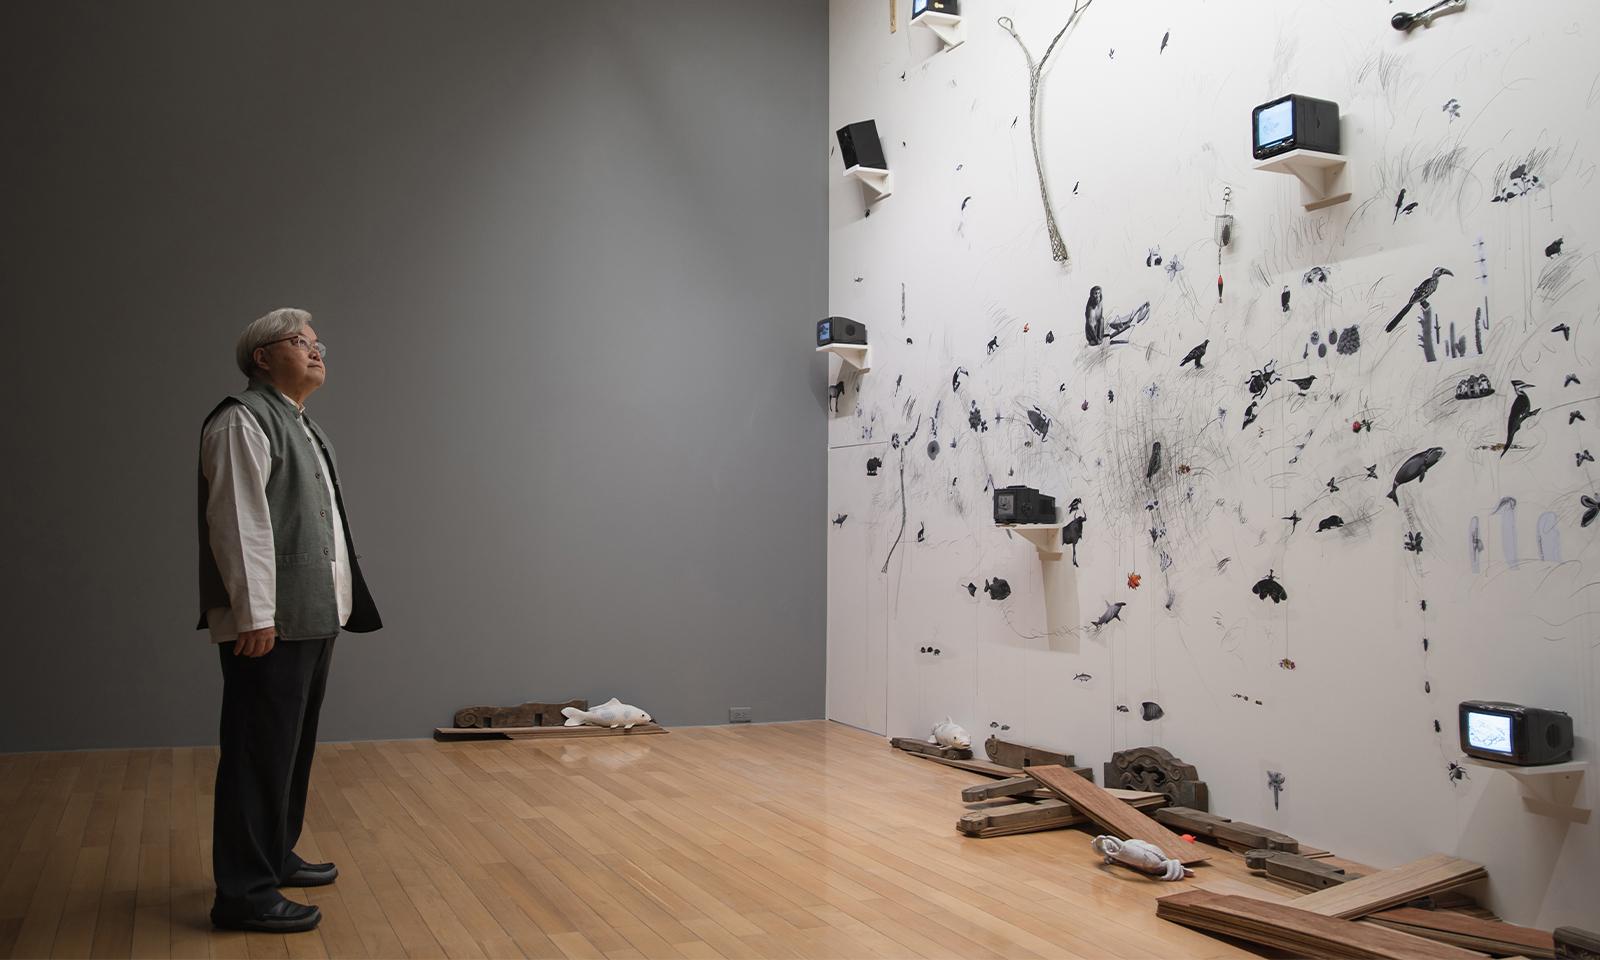 藝術家沒那麼偉大,專訪盧明德:人生這場大遷徙,只是發現